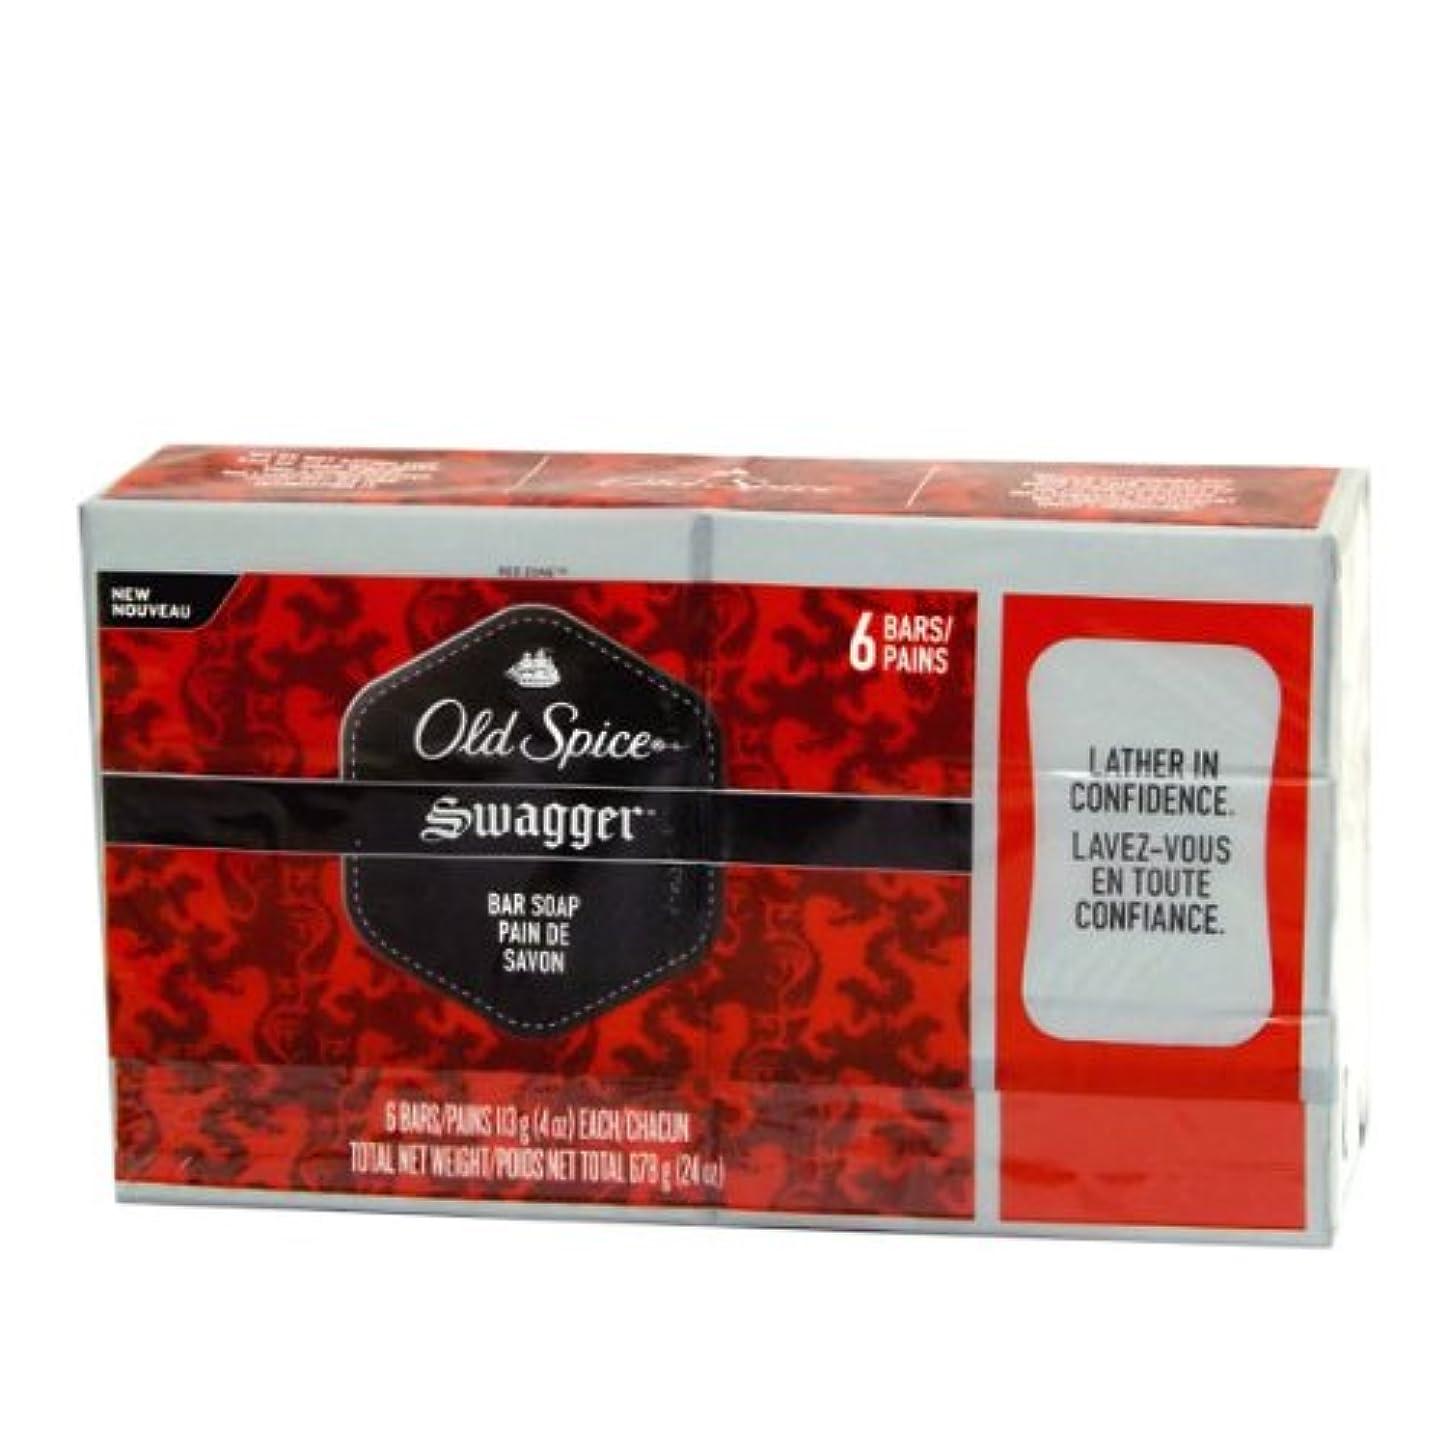 水星肘手錠Old spice bar soap swagger オールドスパイス バーソープ スワガー (石鹸) 6個パック [並行輸入品]